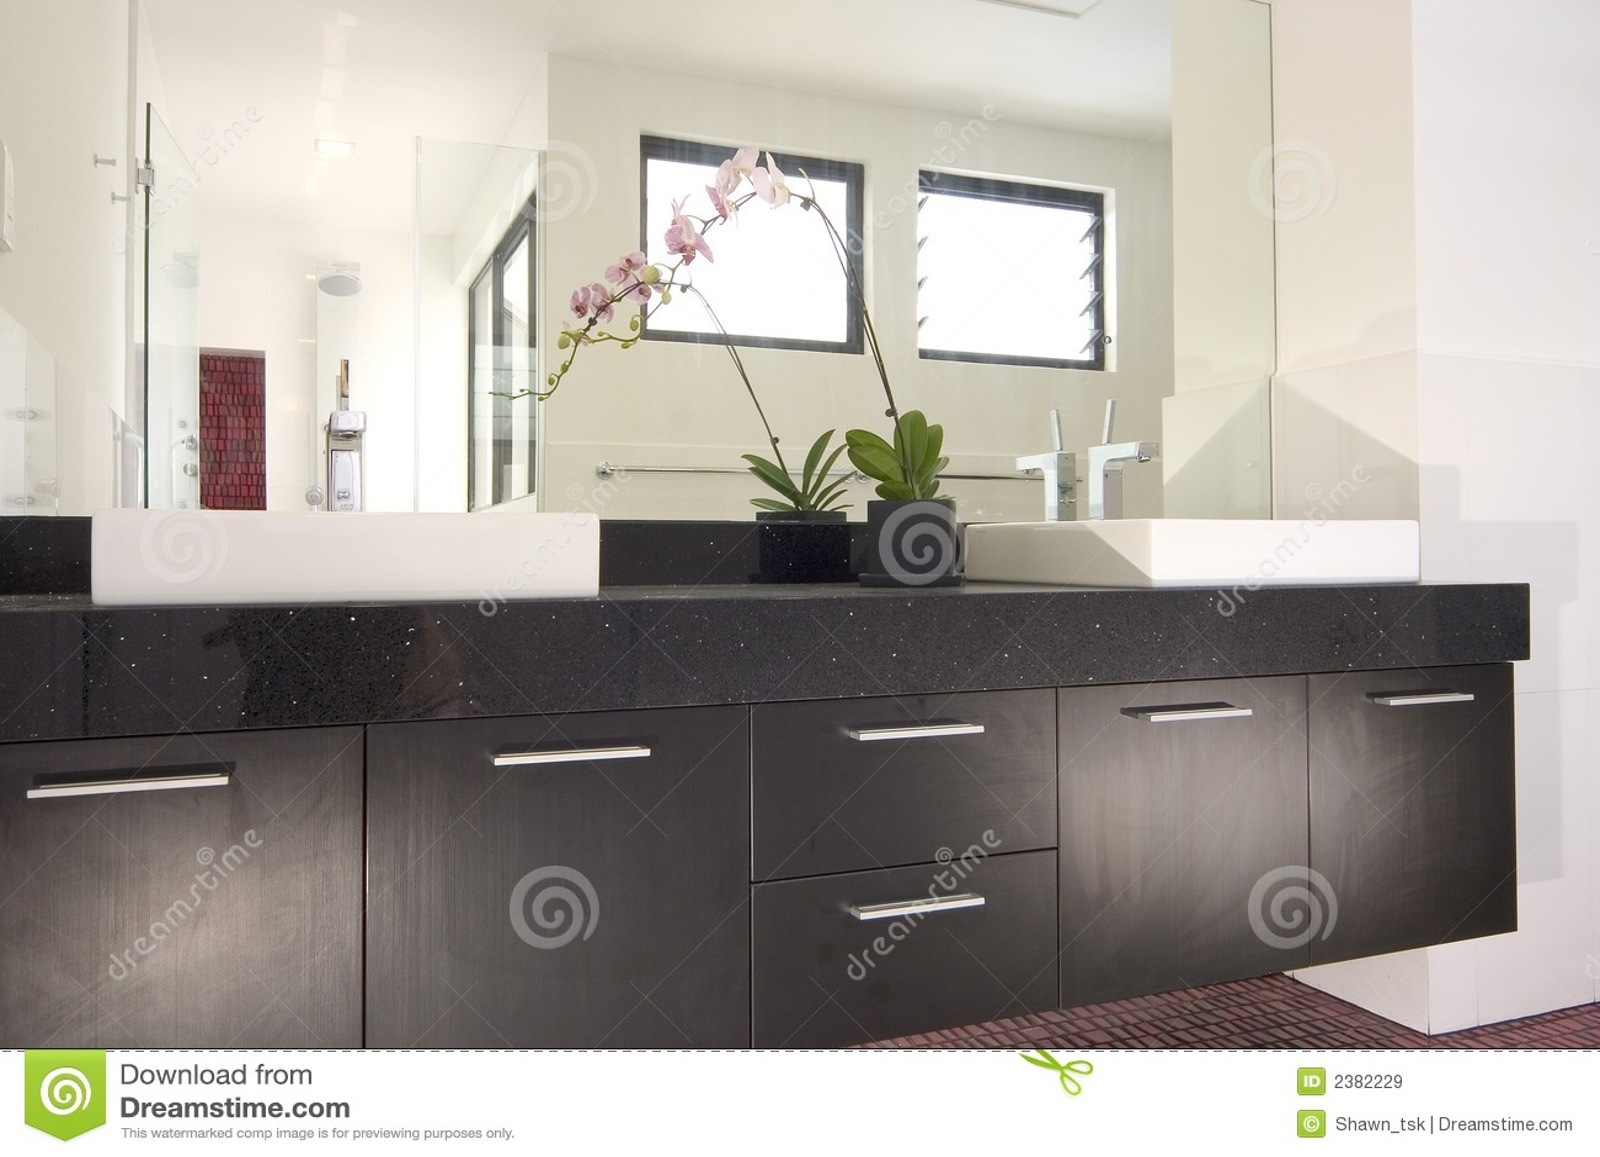 Innenarchitektur badezimmer lizenzfreie stockbilder - Innenarchitektur badezimmer ...